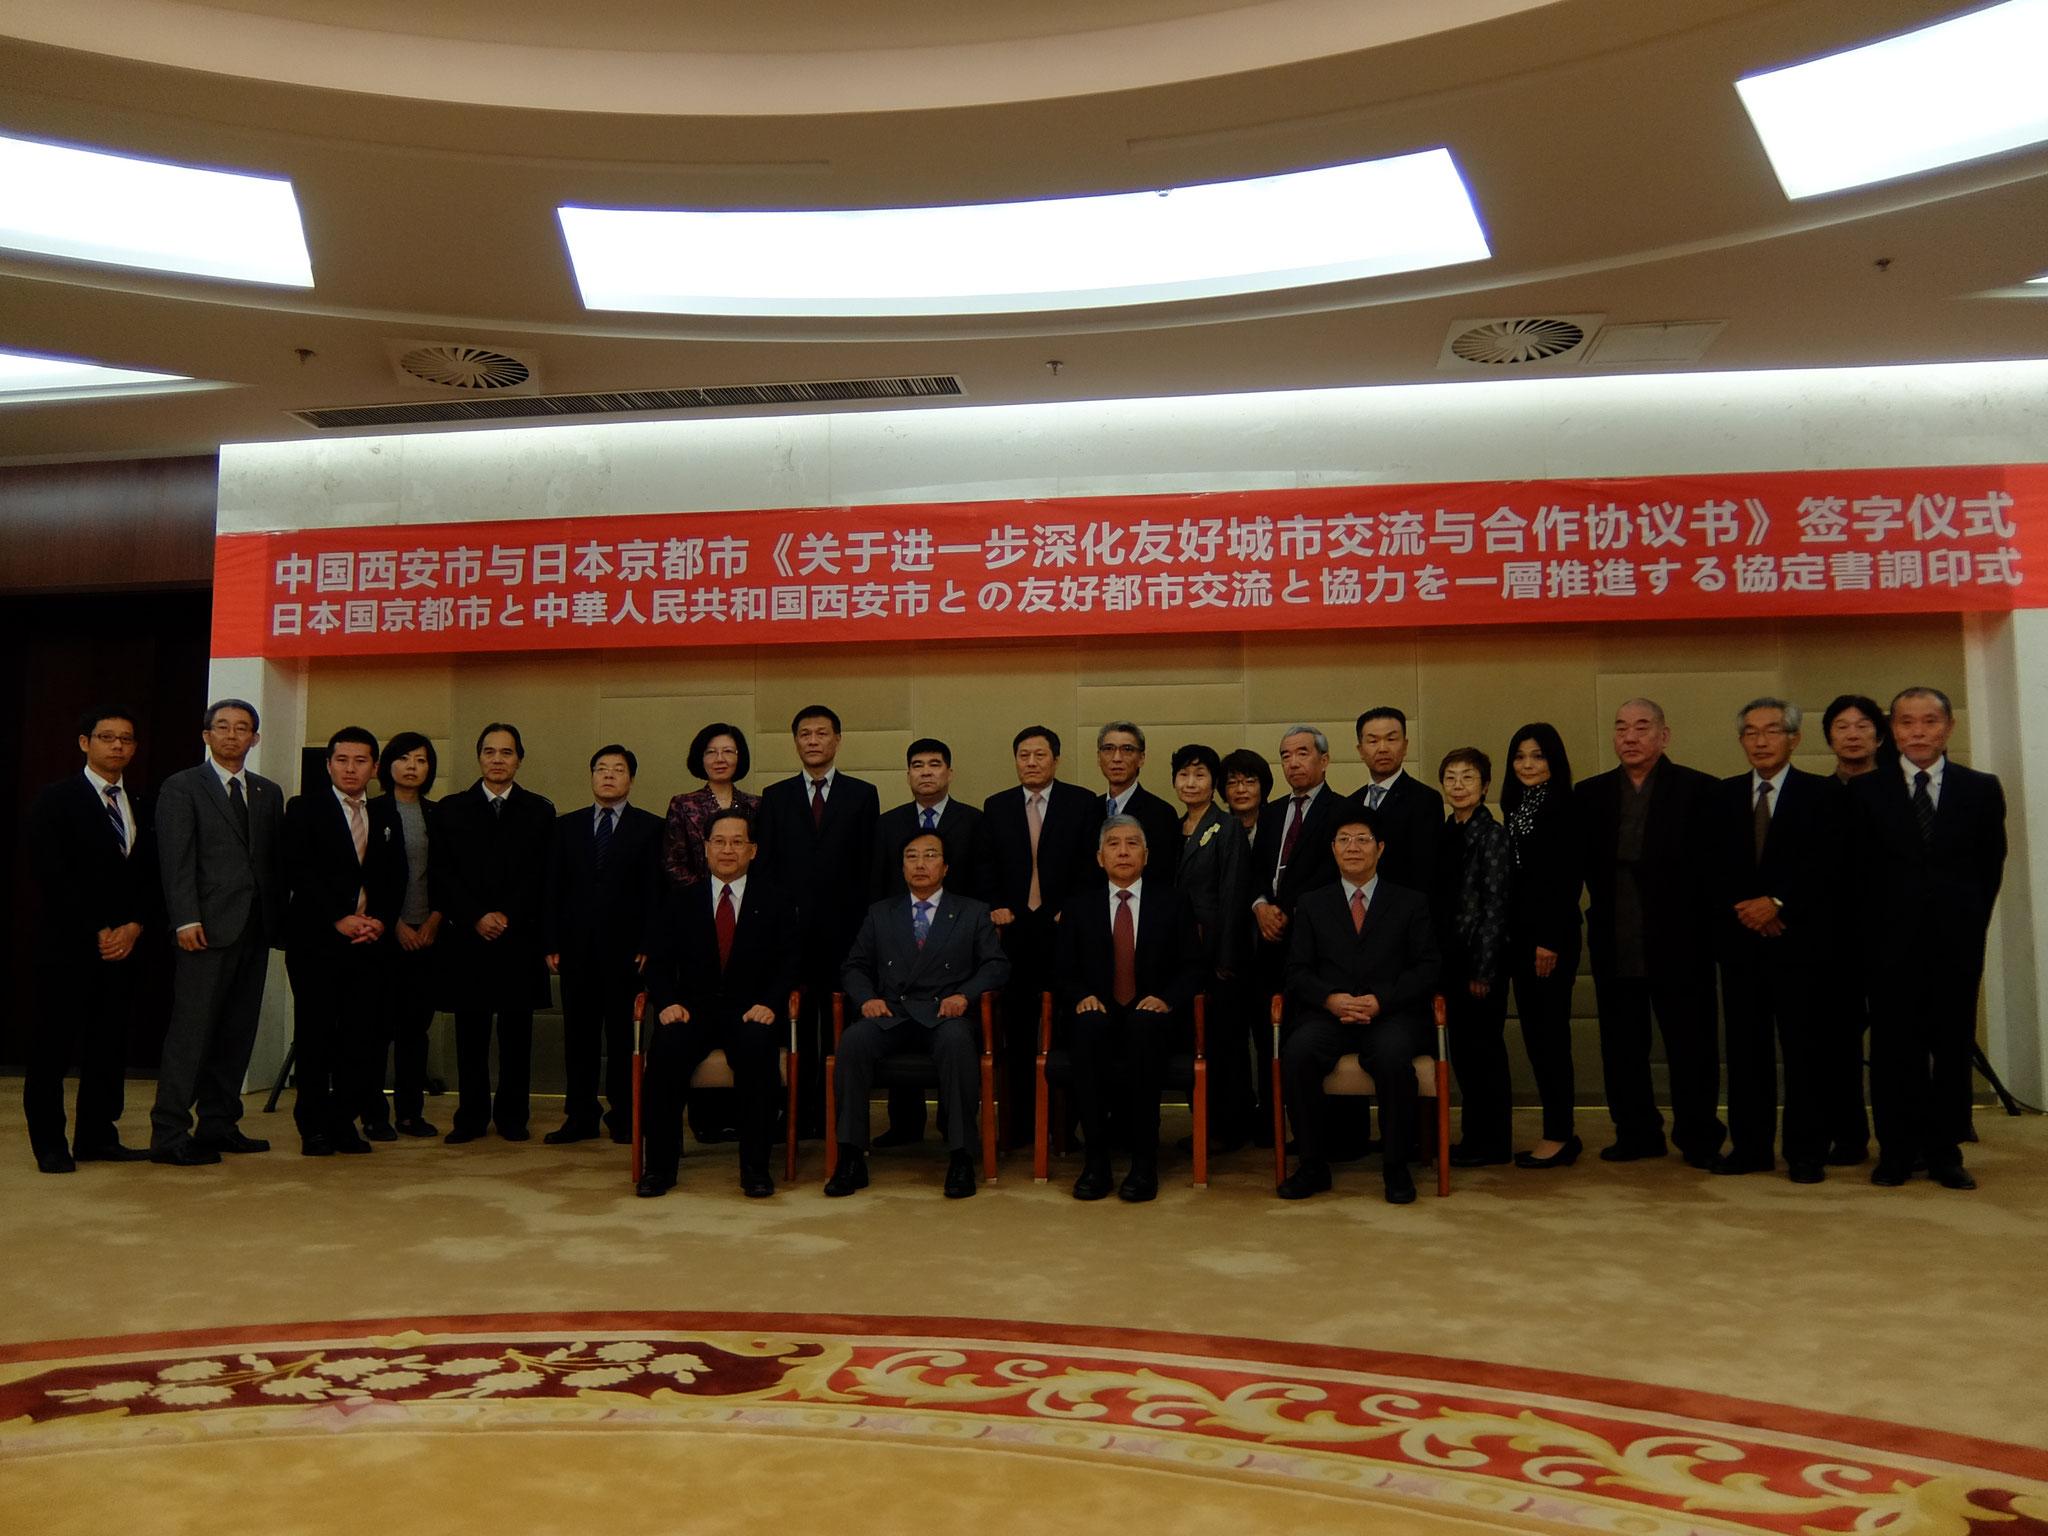 京都・西安友好都市提携40周年調印式 ・京都市代表団西安公式訪問